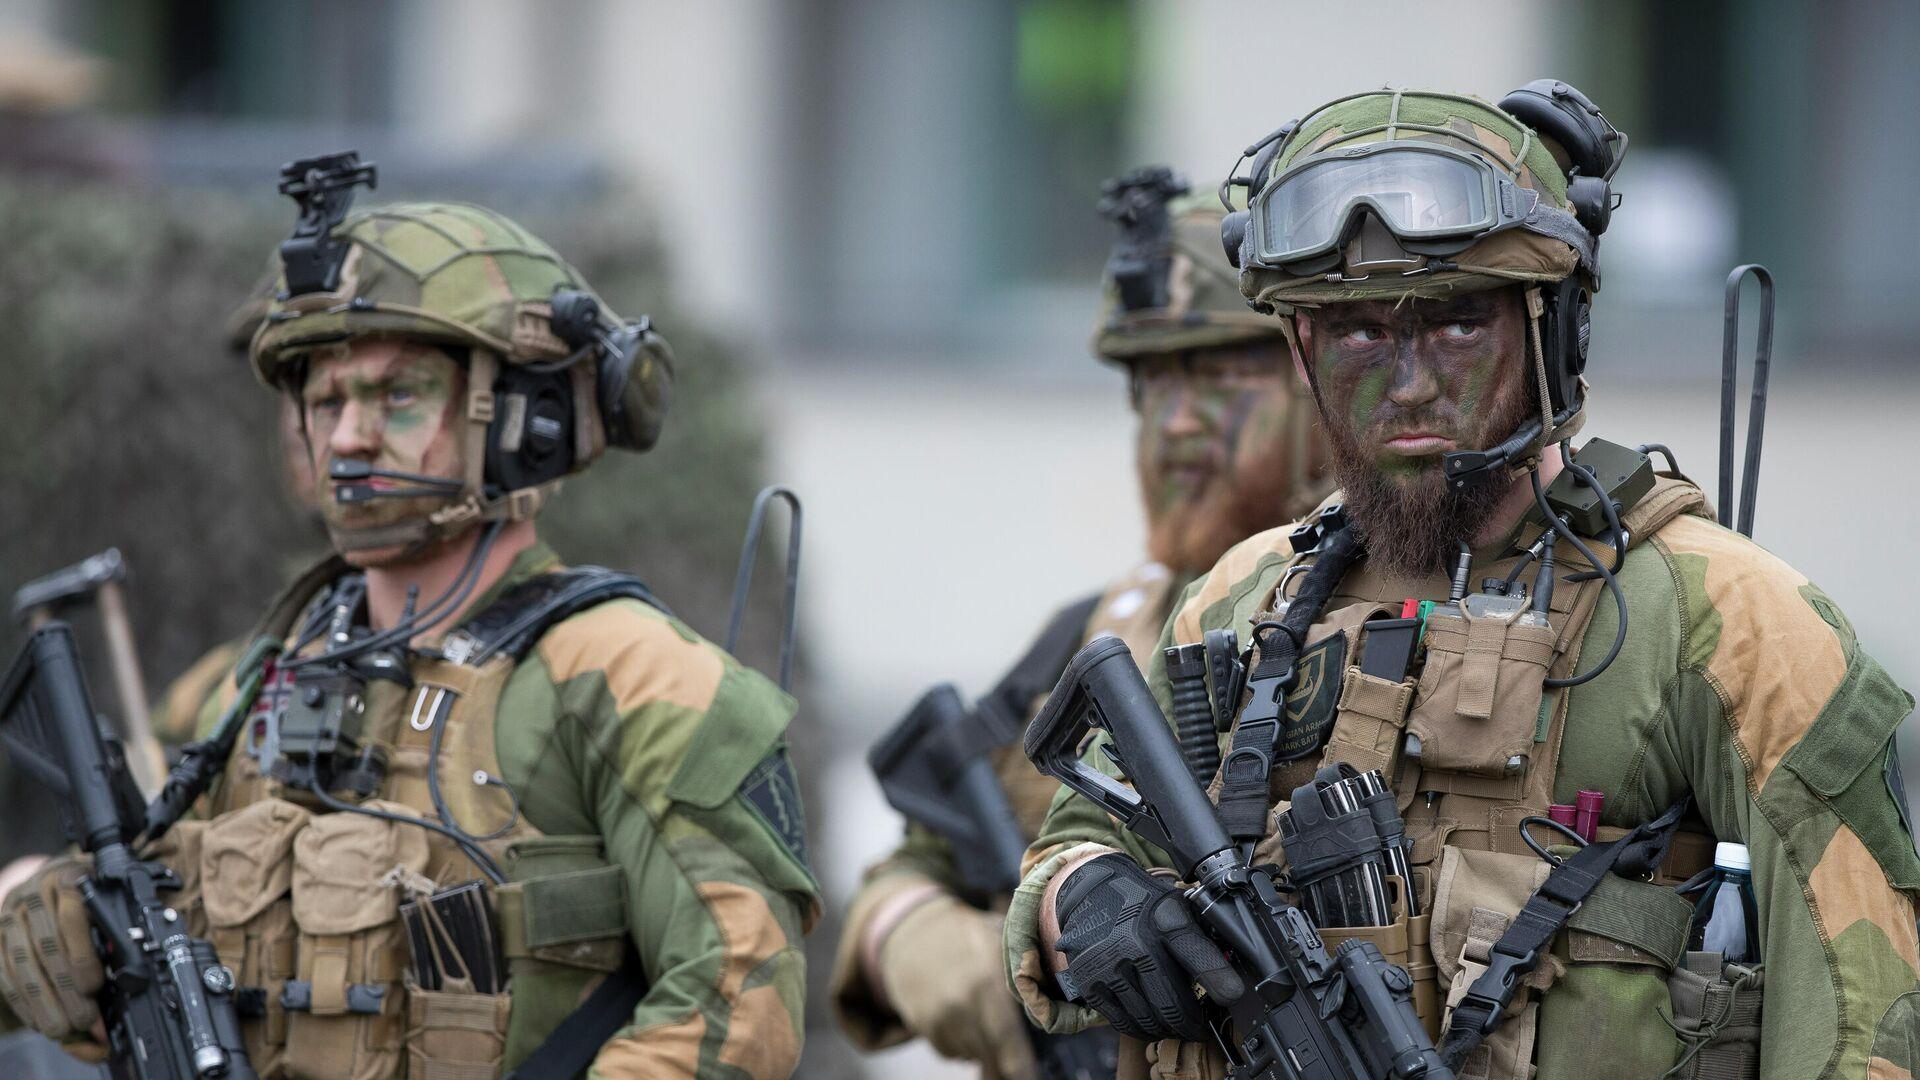 Норвежские солдаты усиленного передового присутствия НАТО - РИА Новости, 1920, 29.04.2021